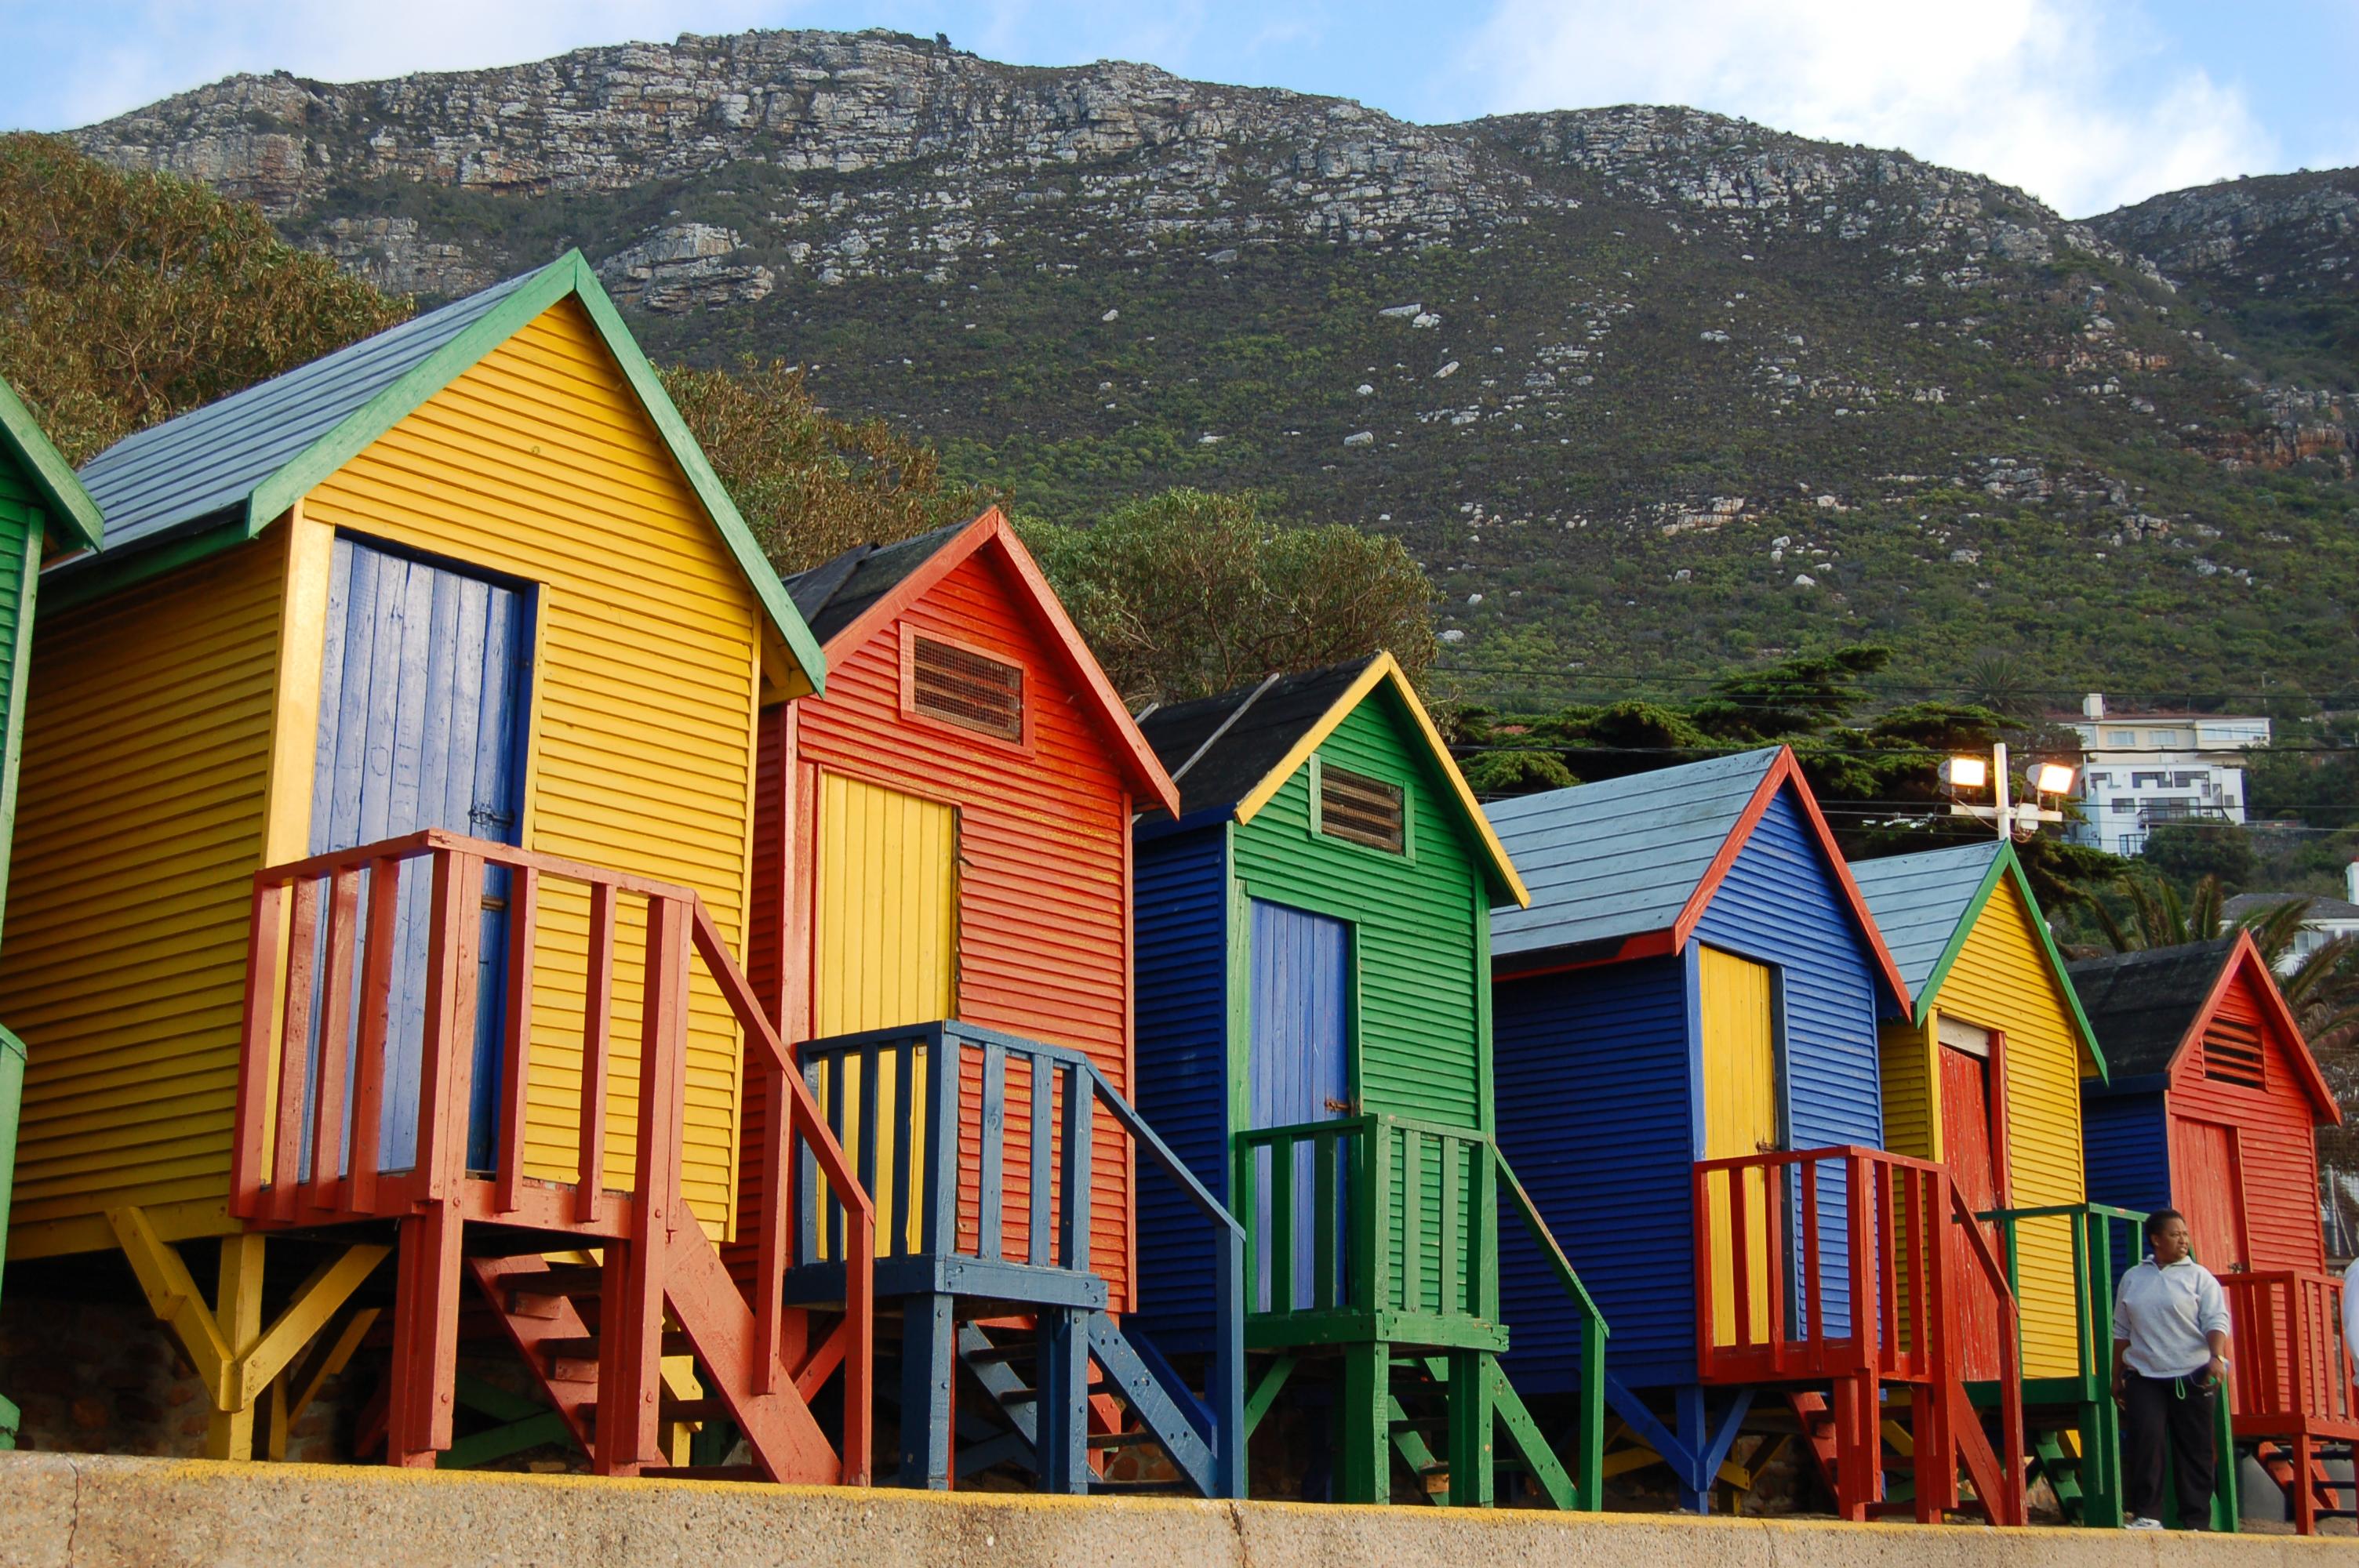 Gubuk warna-warni di pesisir dekat Cape Town, Afrika Selatan.